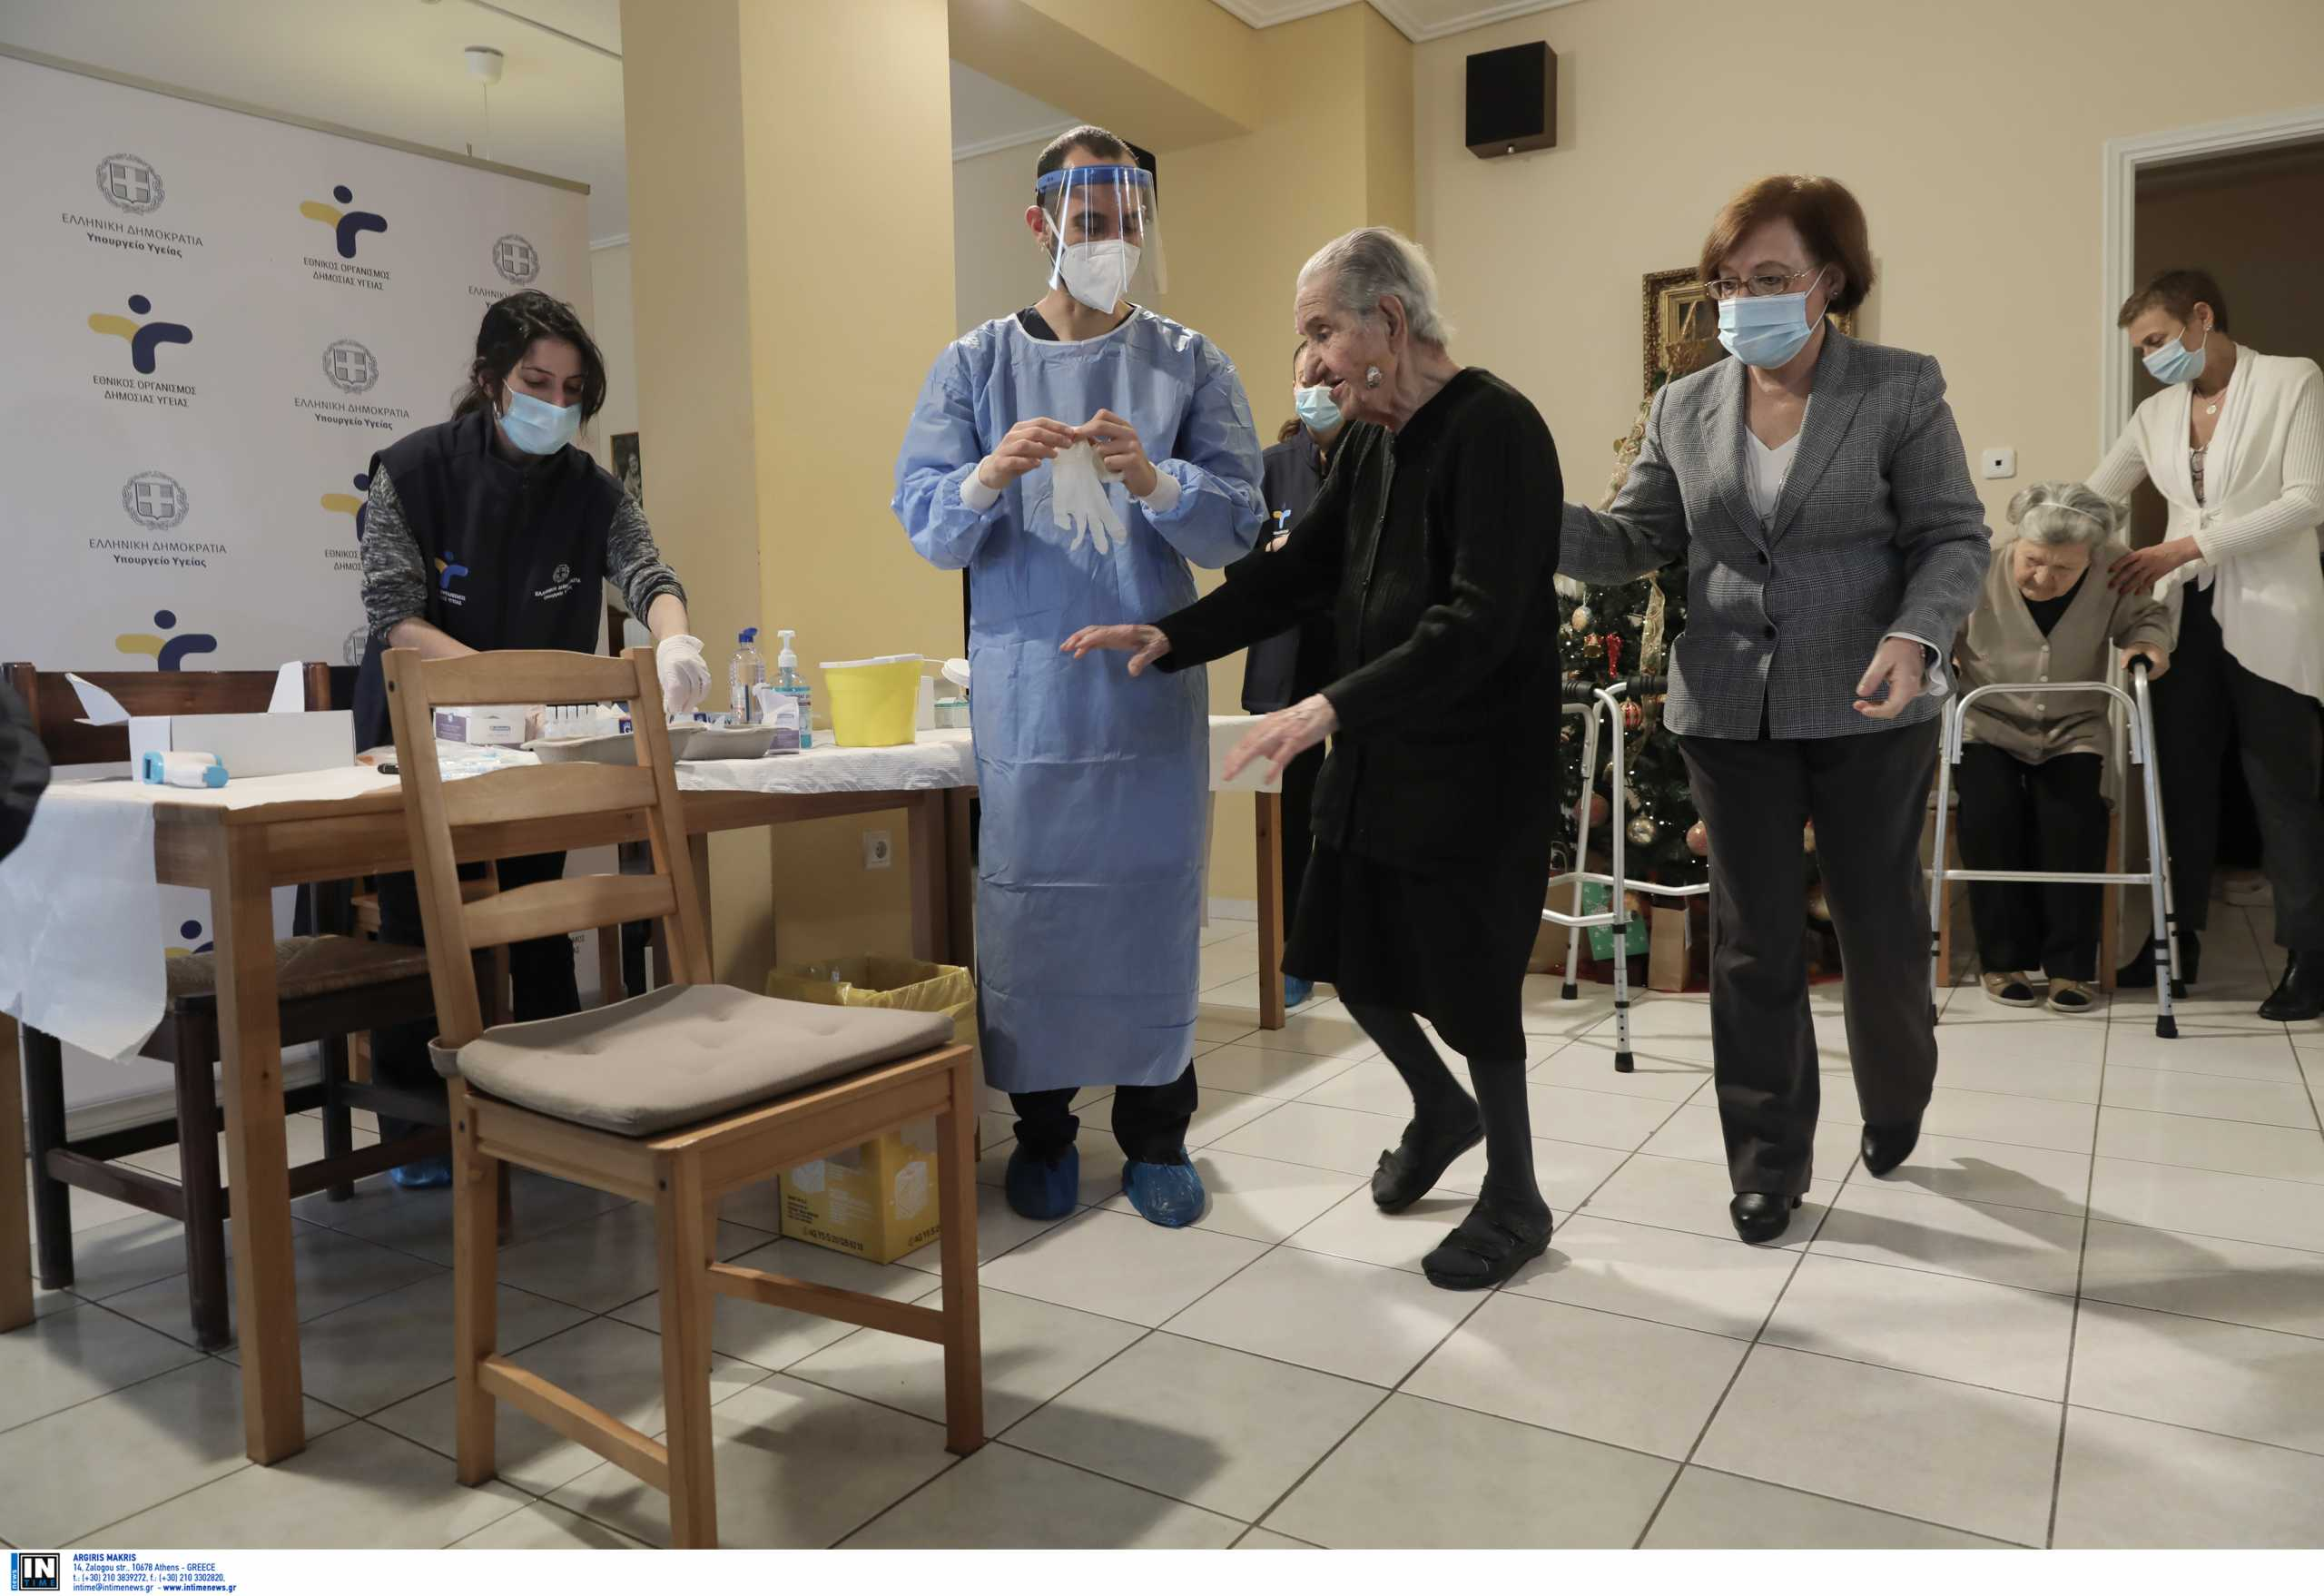 Κορονοϊός: Σε αναστολή και έξι ανεμβολίαστοι εργαζόμενοι σε προνοιακές δομές στη Ρόδο